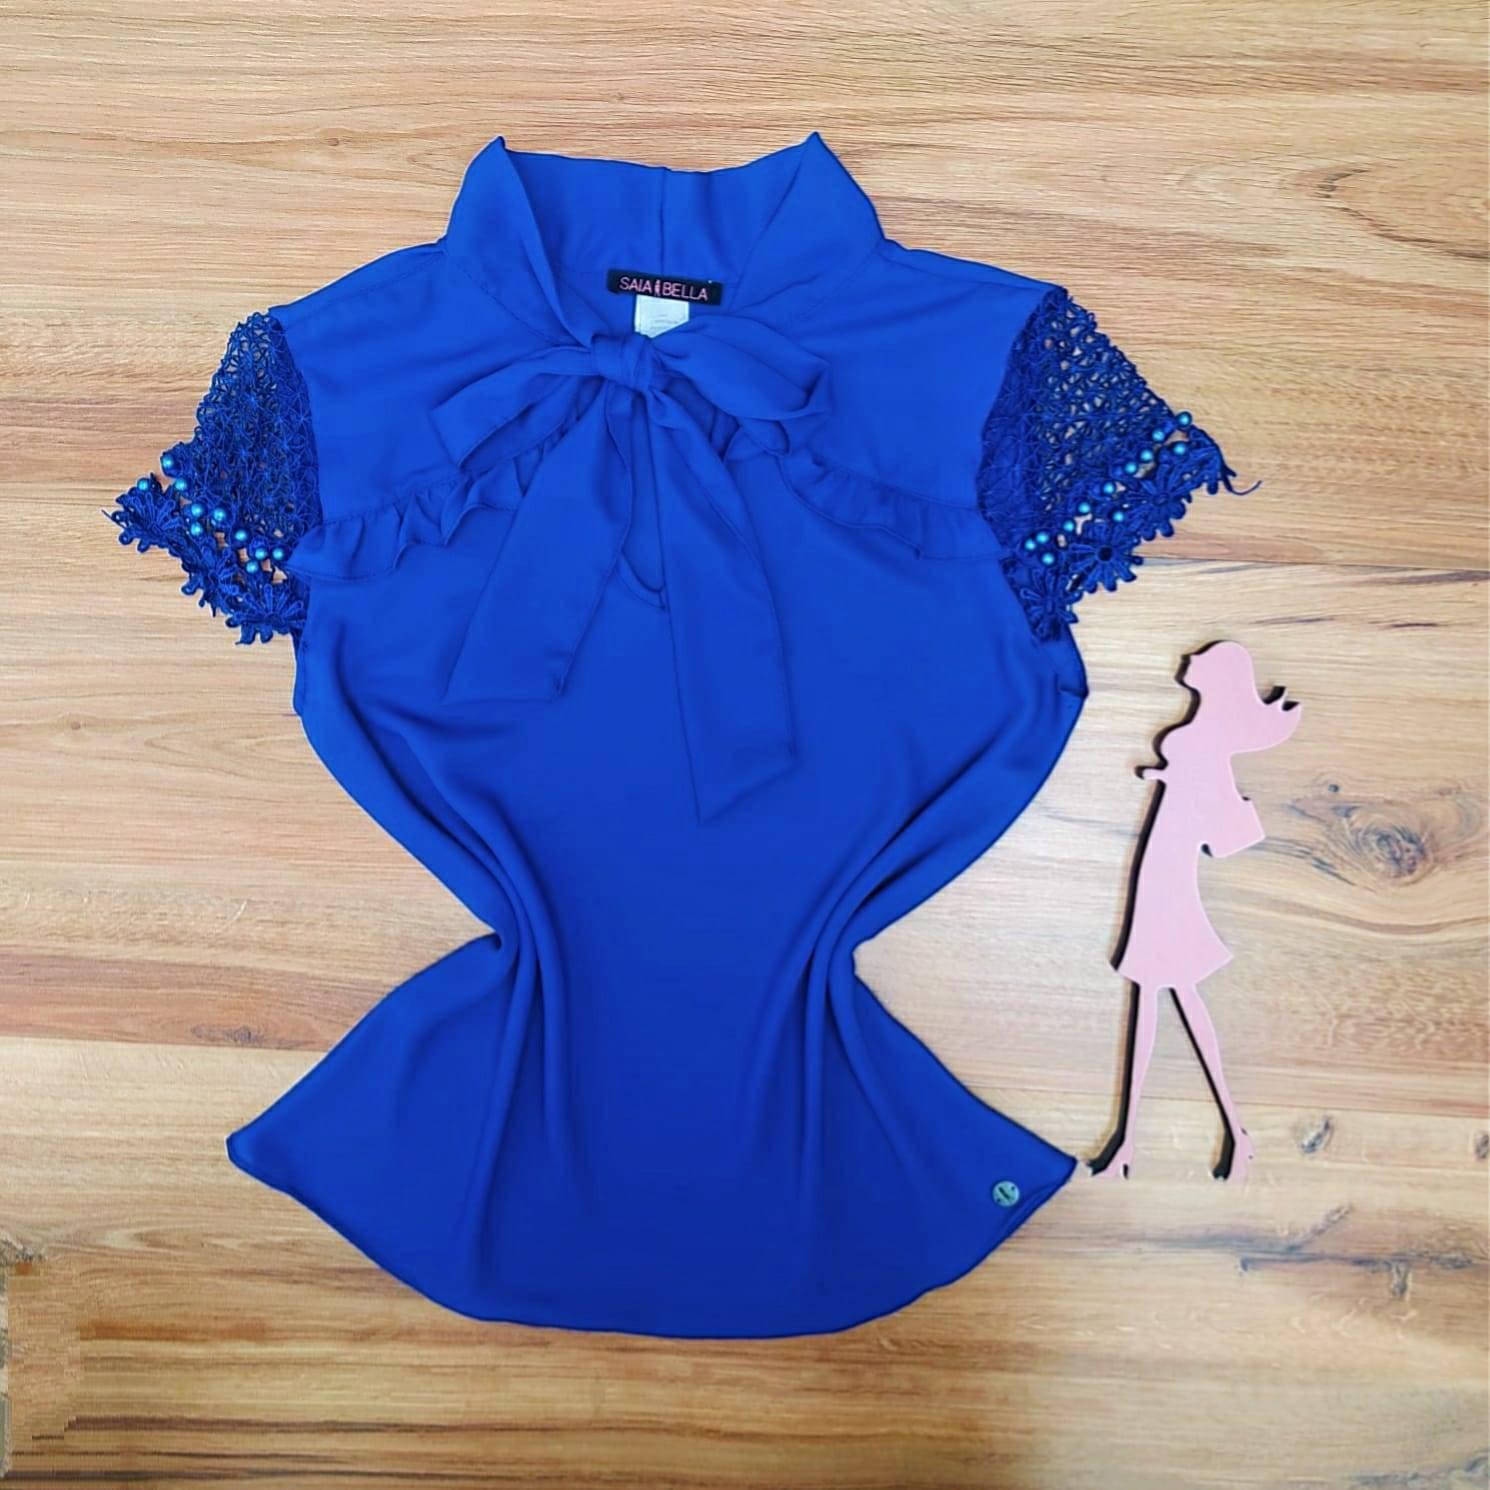 Blusa Romana Saia Bella - SB700071 Azul Royal